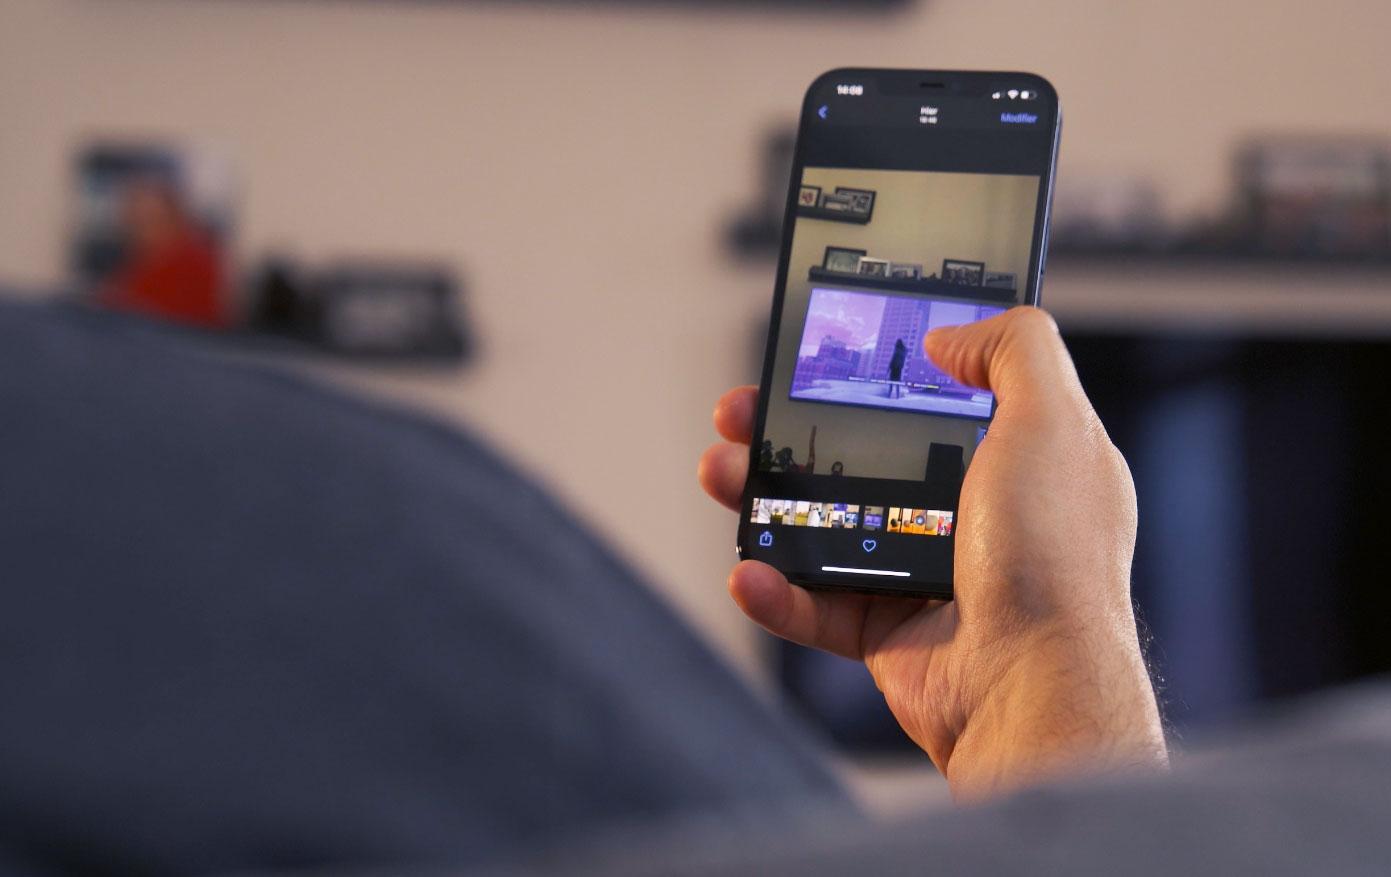 L'iPhone 12 Pro Max se prête bien à la consultation de contenus multimédias